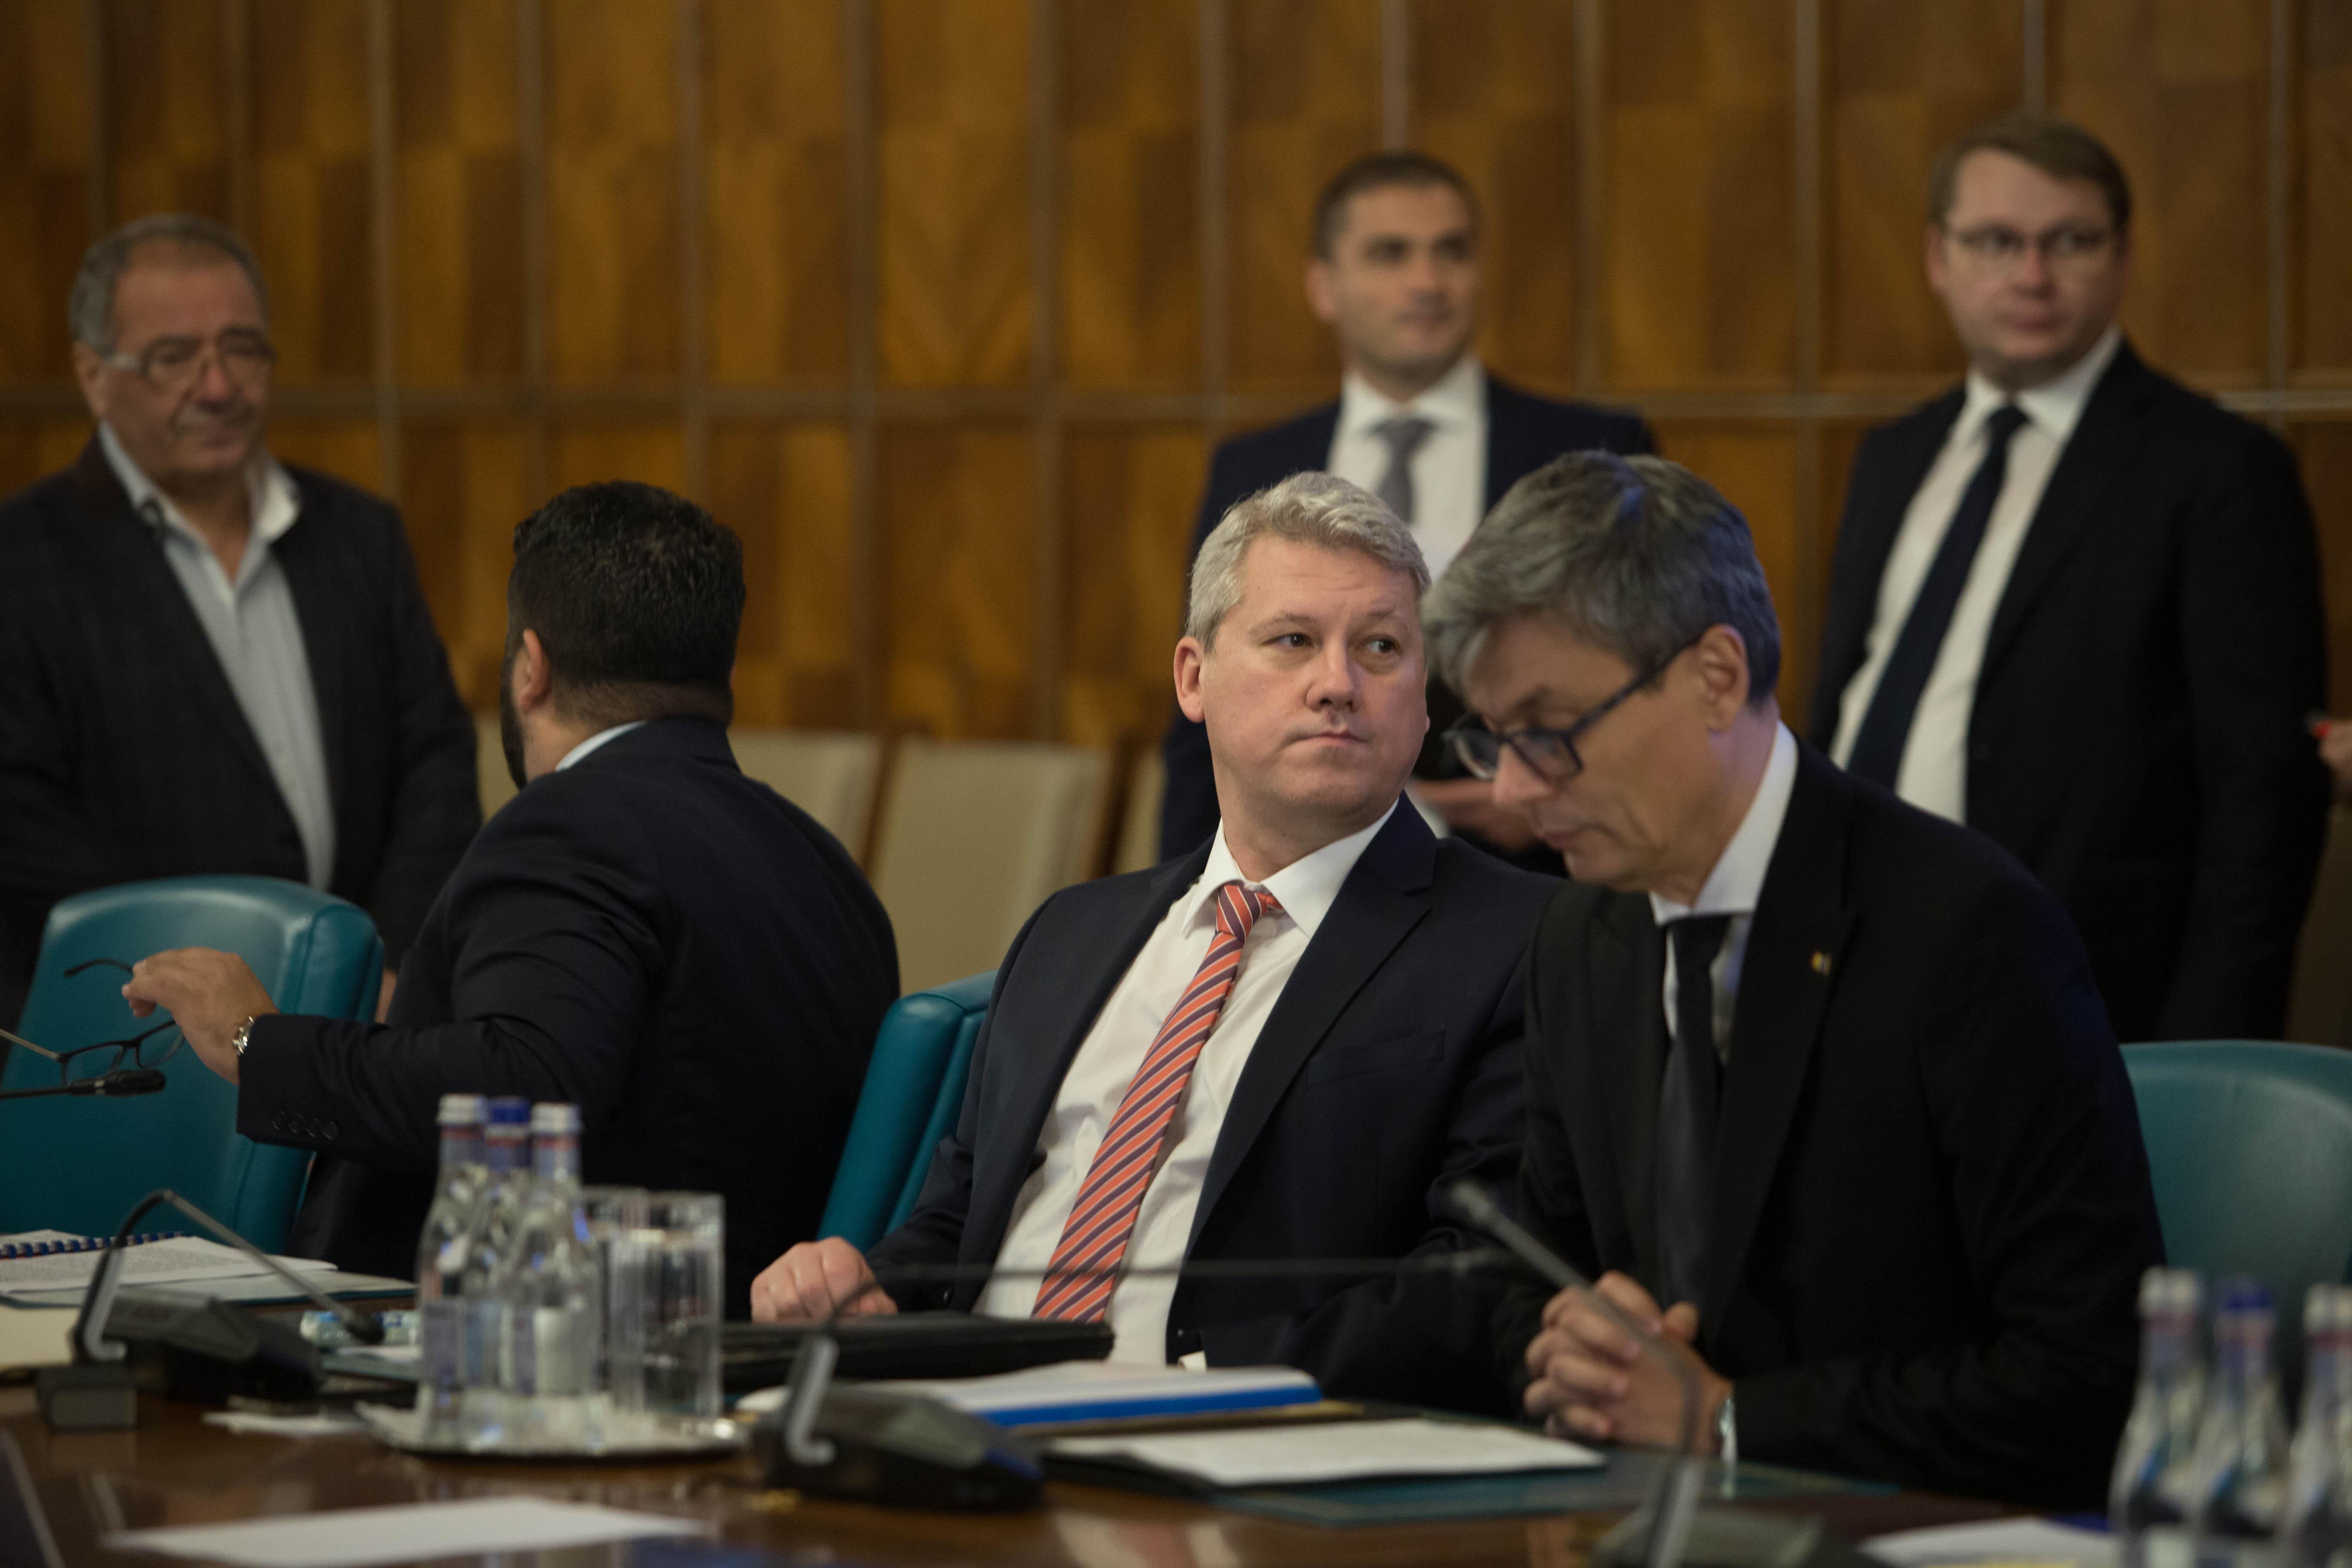 Audierile pentru şefia Parchetelor: Două dintre propunerile lui Predoiu, respinse la CSM. Candidatul pentru DNA, singurul avizat pozitiv